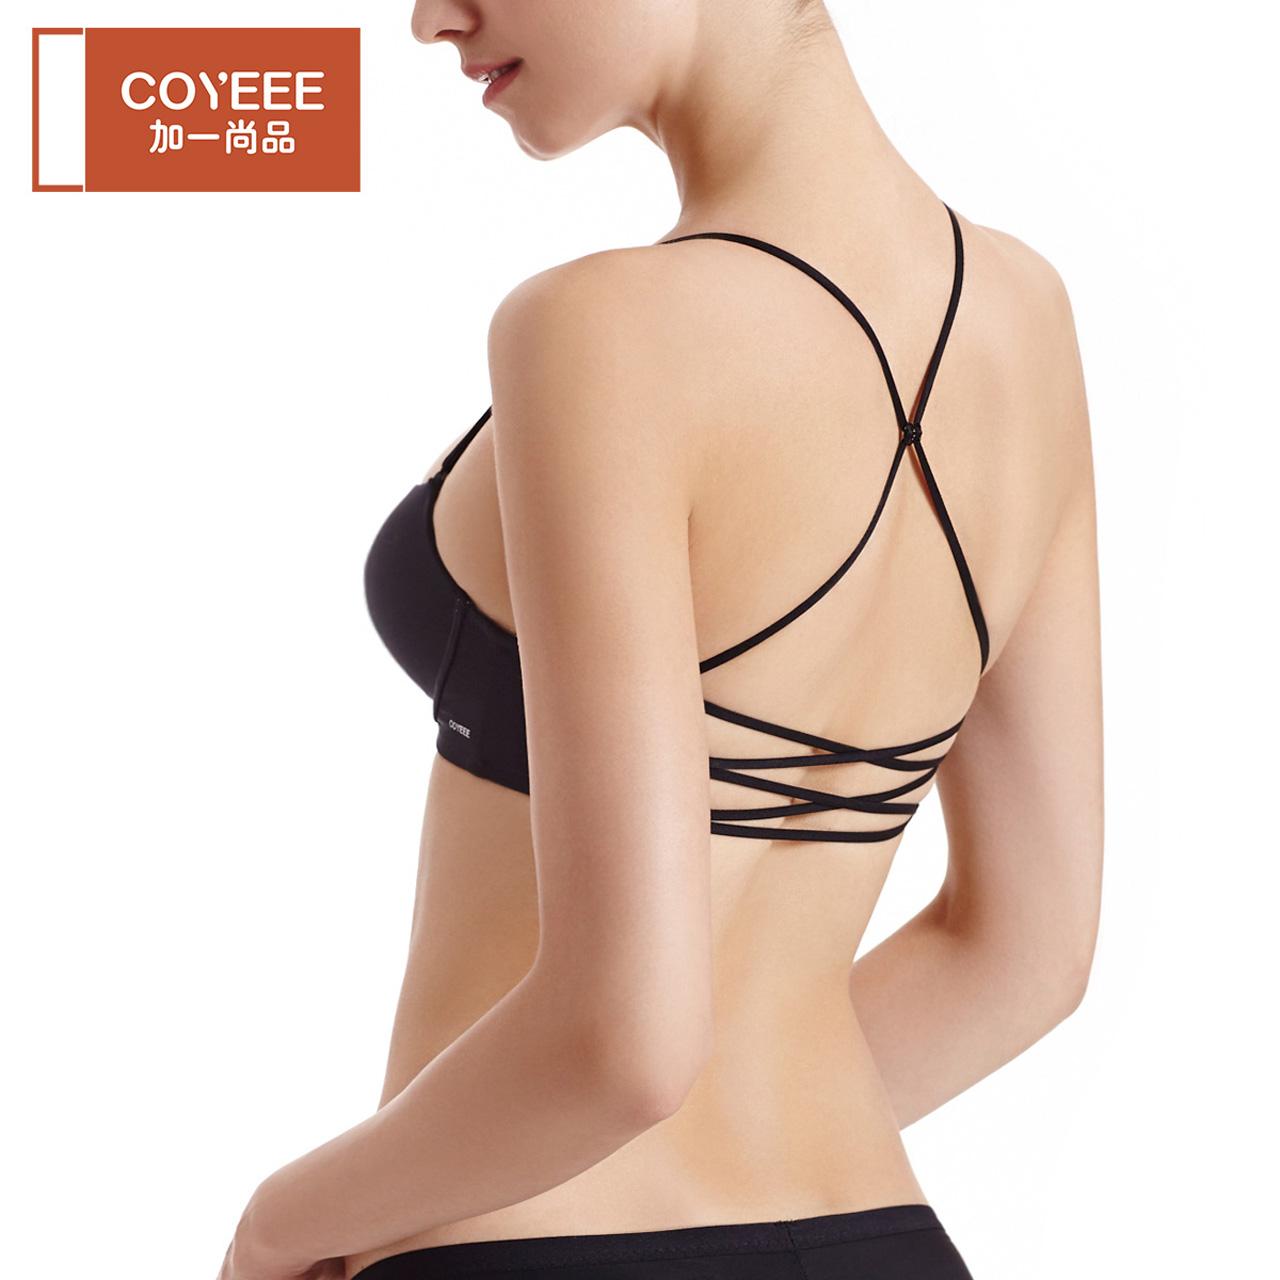 加一尚品无痕露背内衣女 前扣薄款薄模杯交叉美背文胸  M05-003